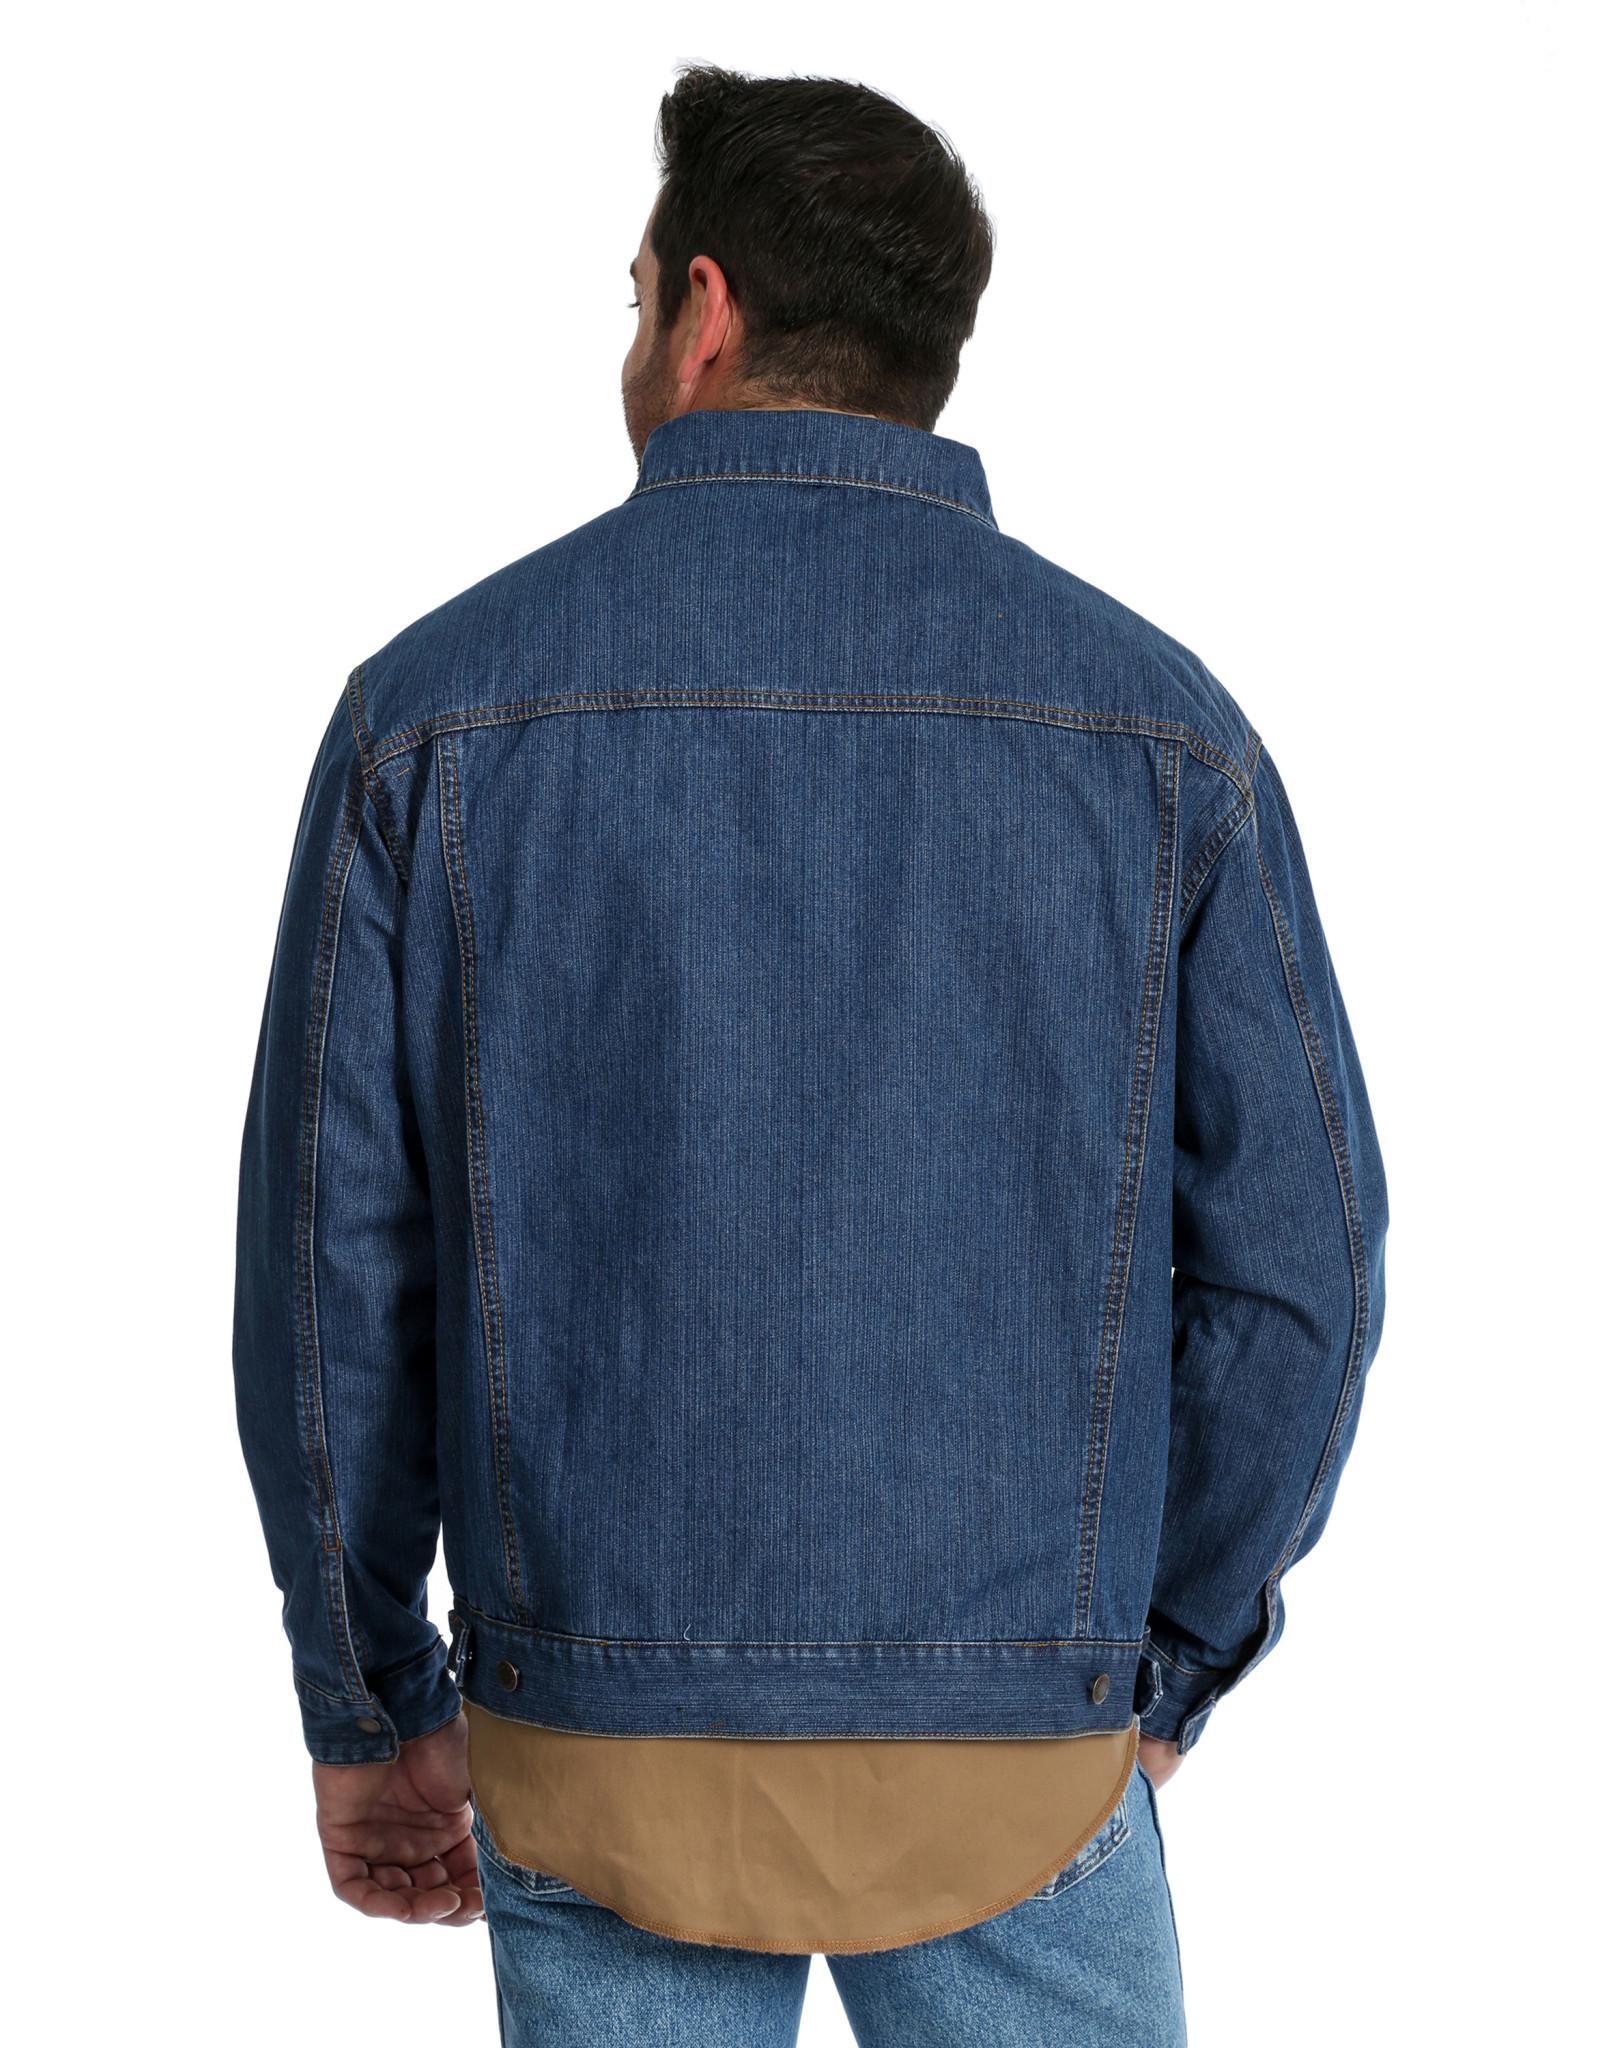 Mens Wrangler Concealed Carry Unlined Denim Jacket